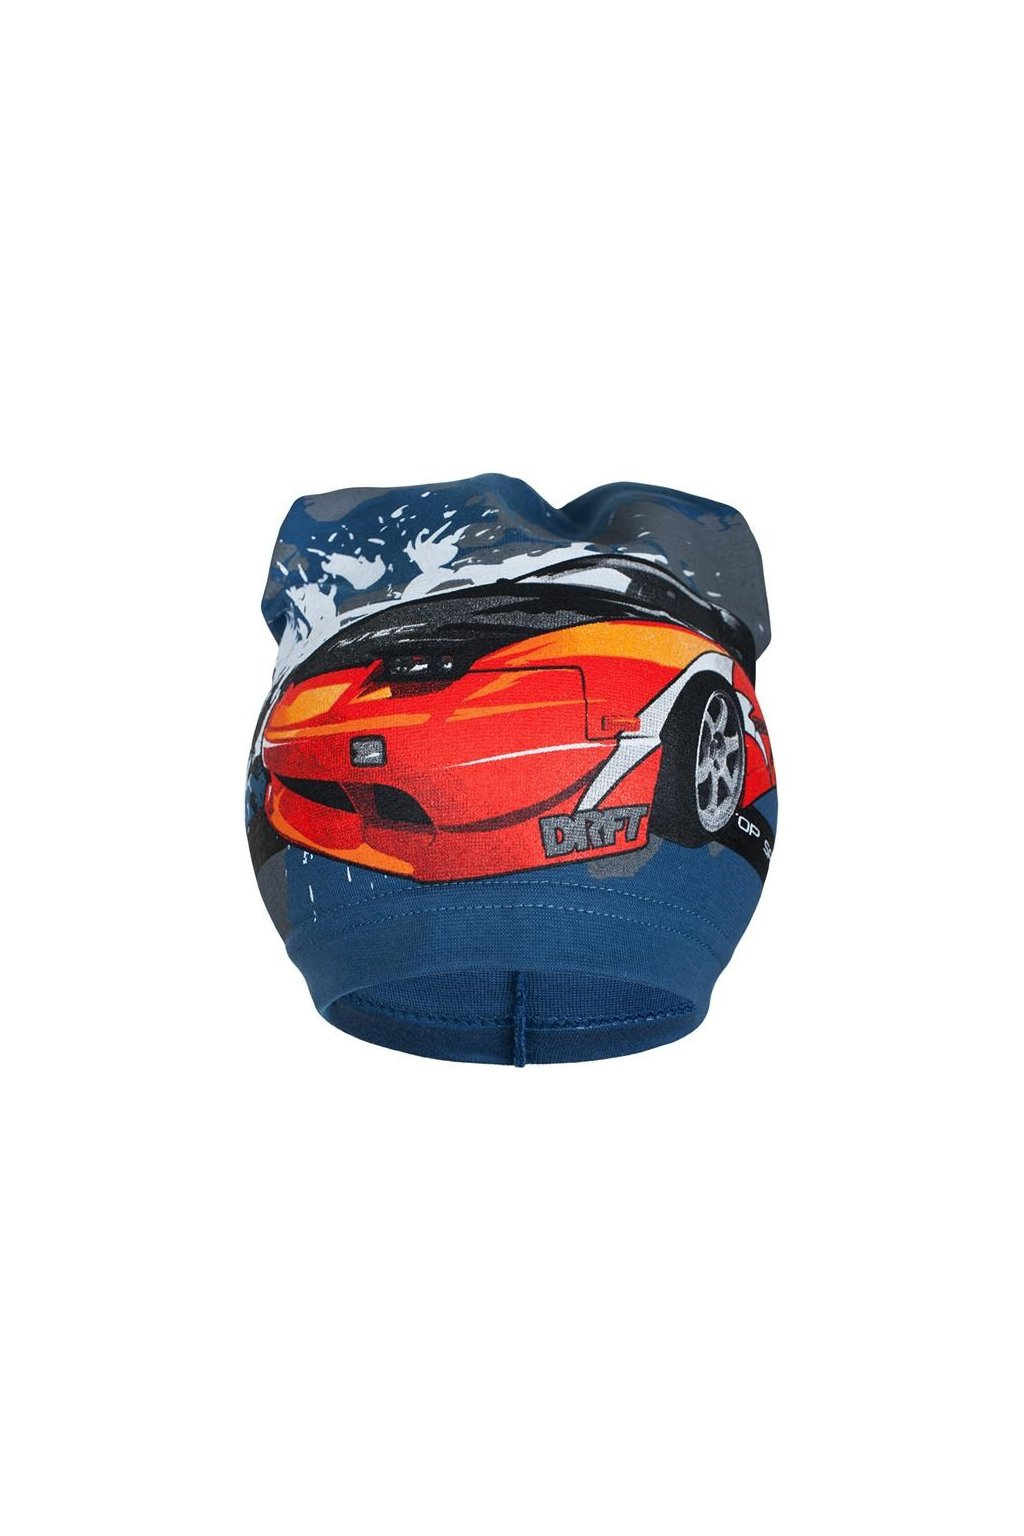 Jarná detská čiapočka New Baby auto modrá